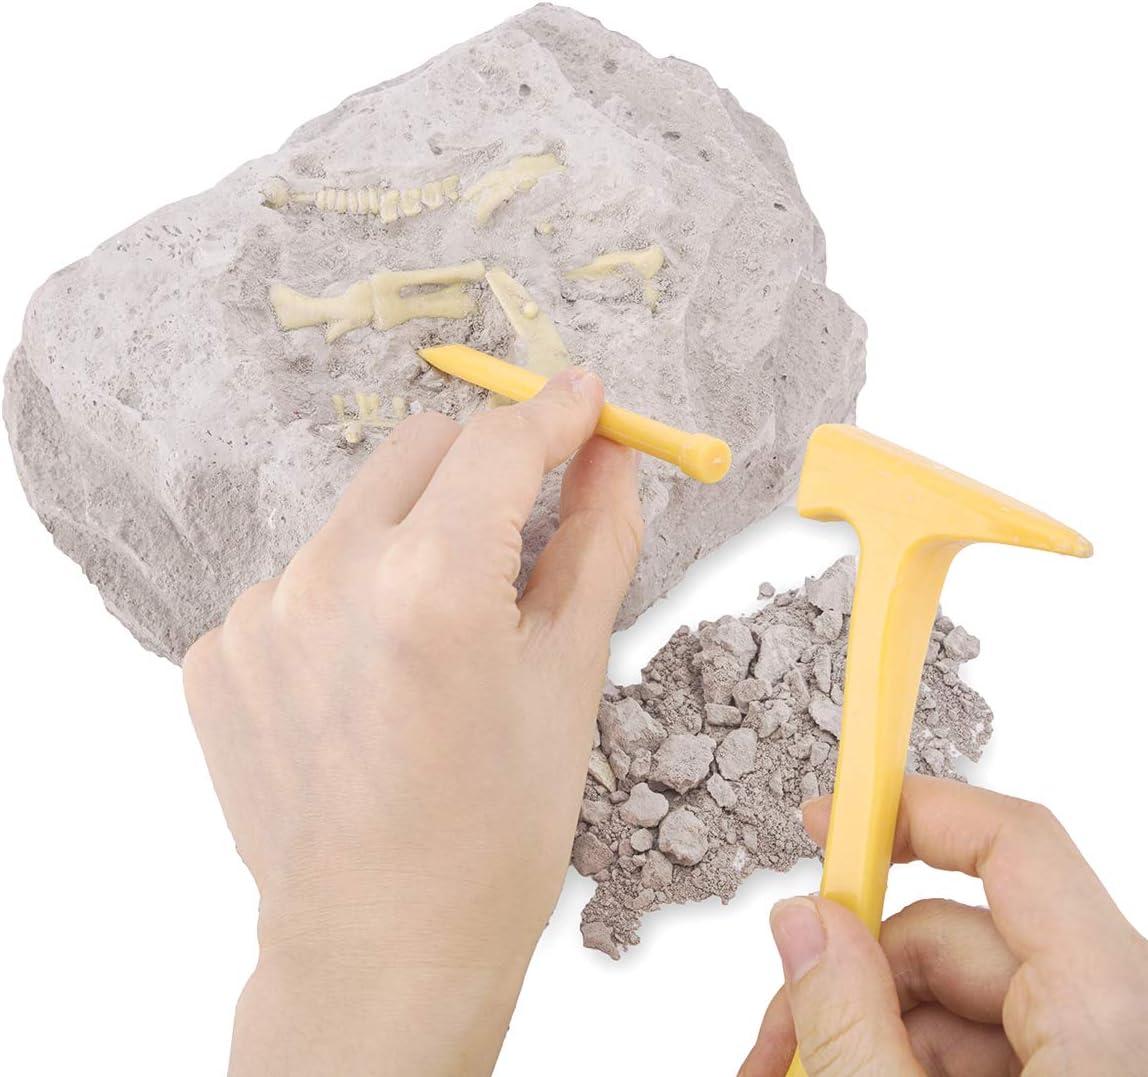 Beyondtrade Dinosaur Dig Kit for Kids Dino Fossil Dig Kits Dinosaur Skeleton for Children/'s Excavation Science Education DIY STEM Toys